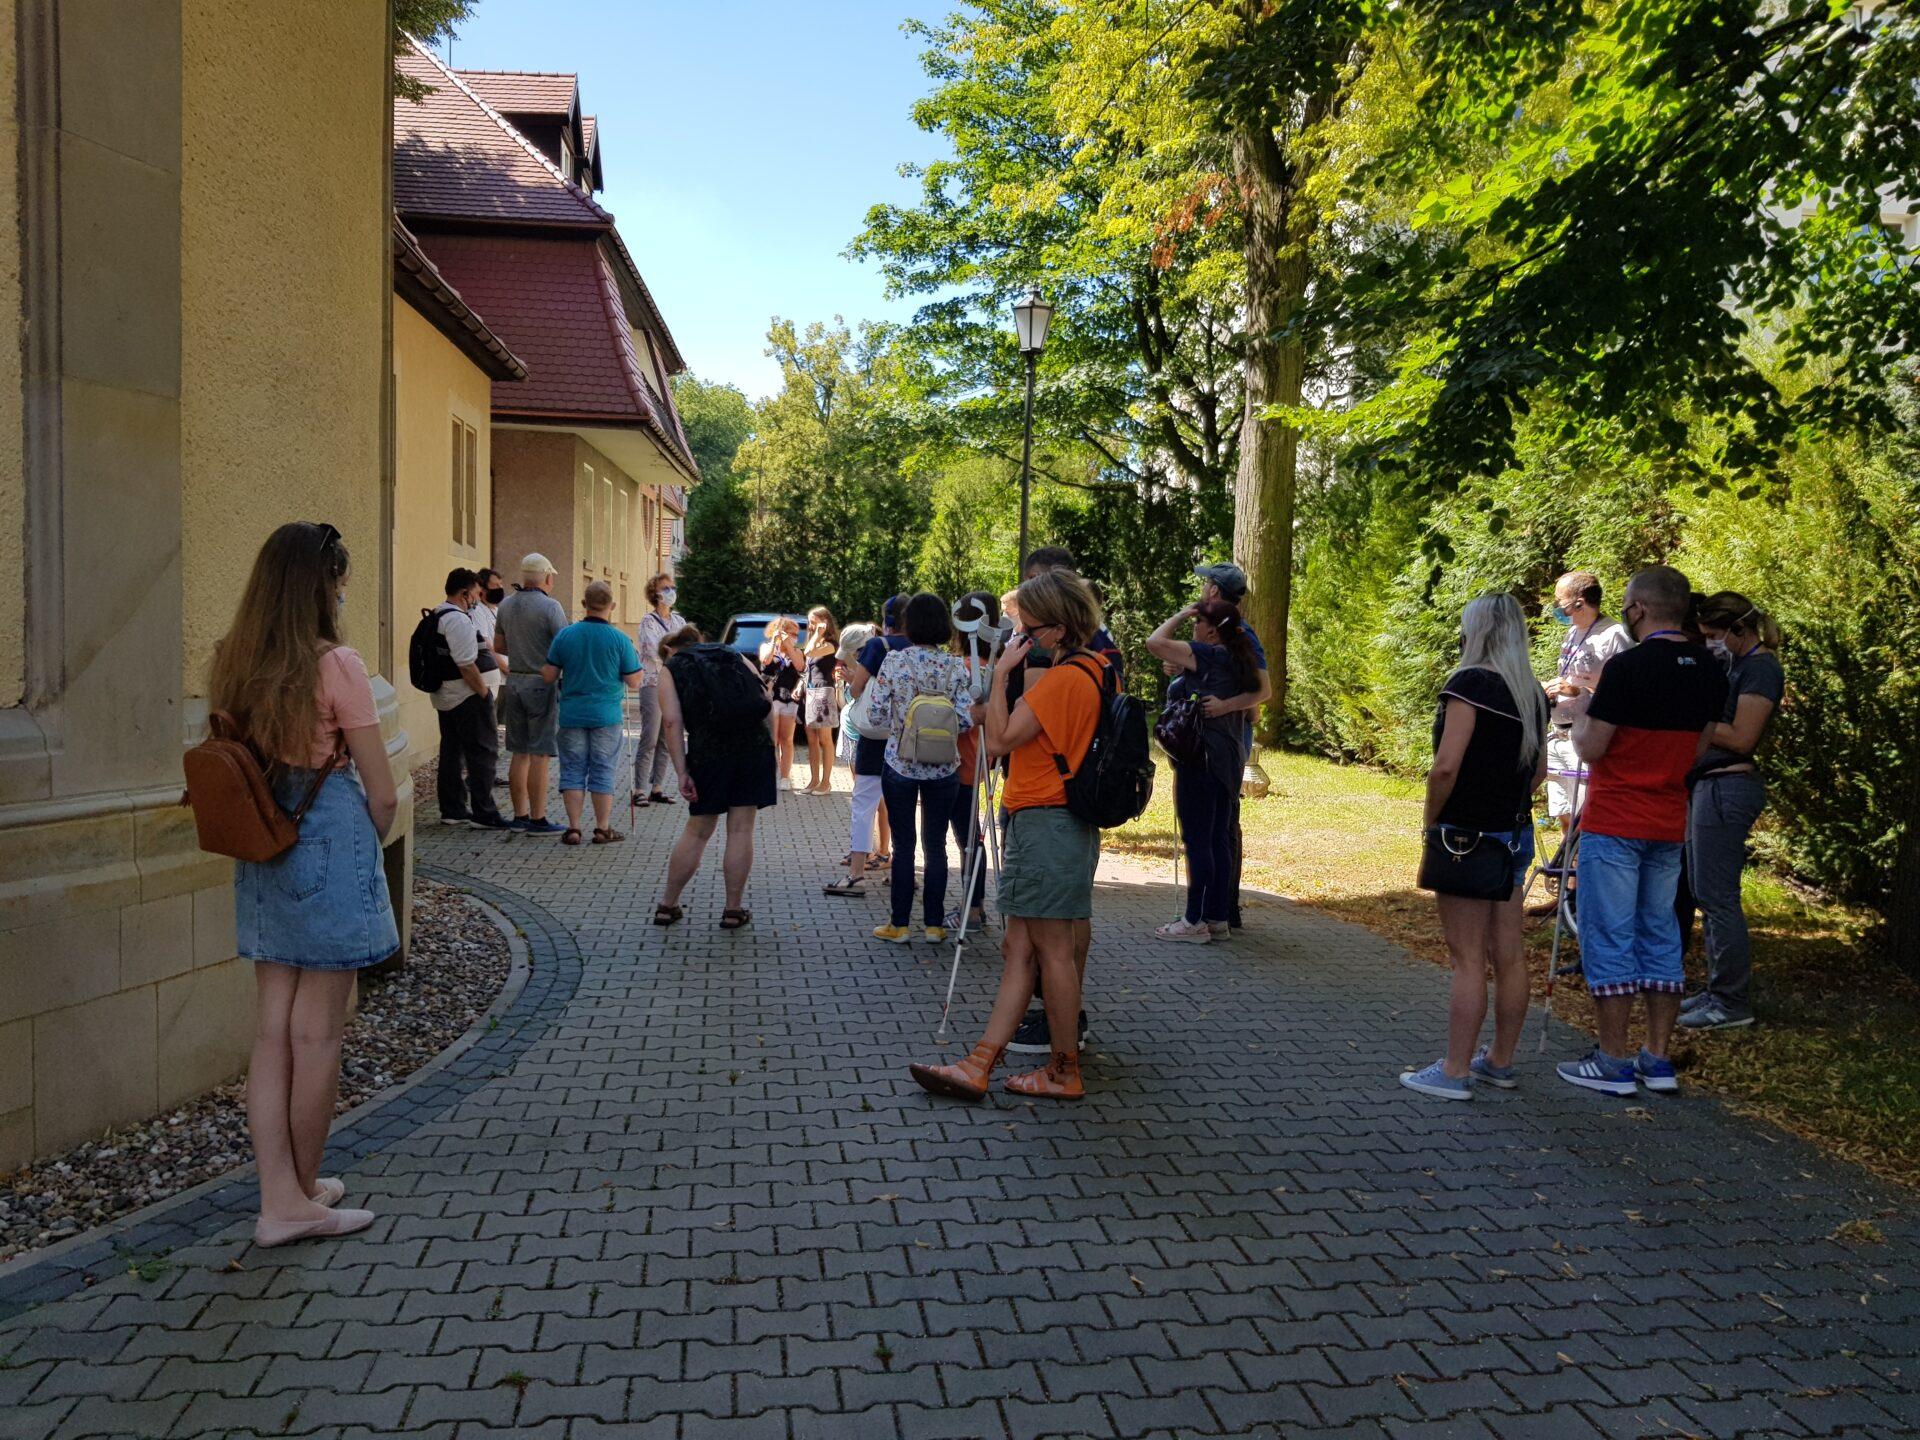 Uczestnicy spaceru z audiodeskrypcją po osiedlu Brochów